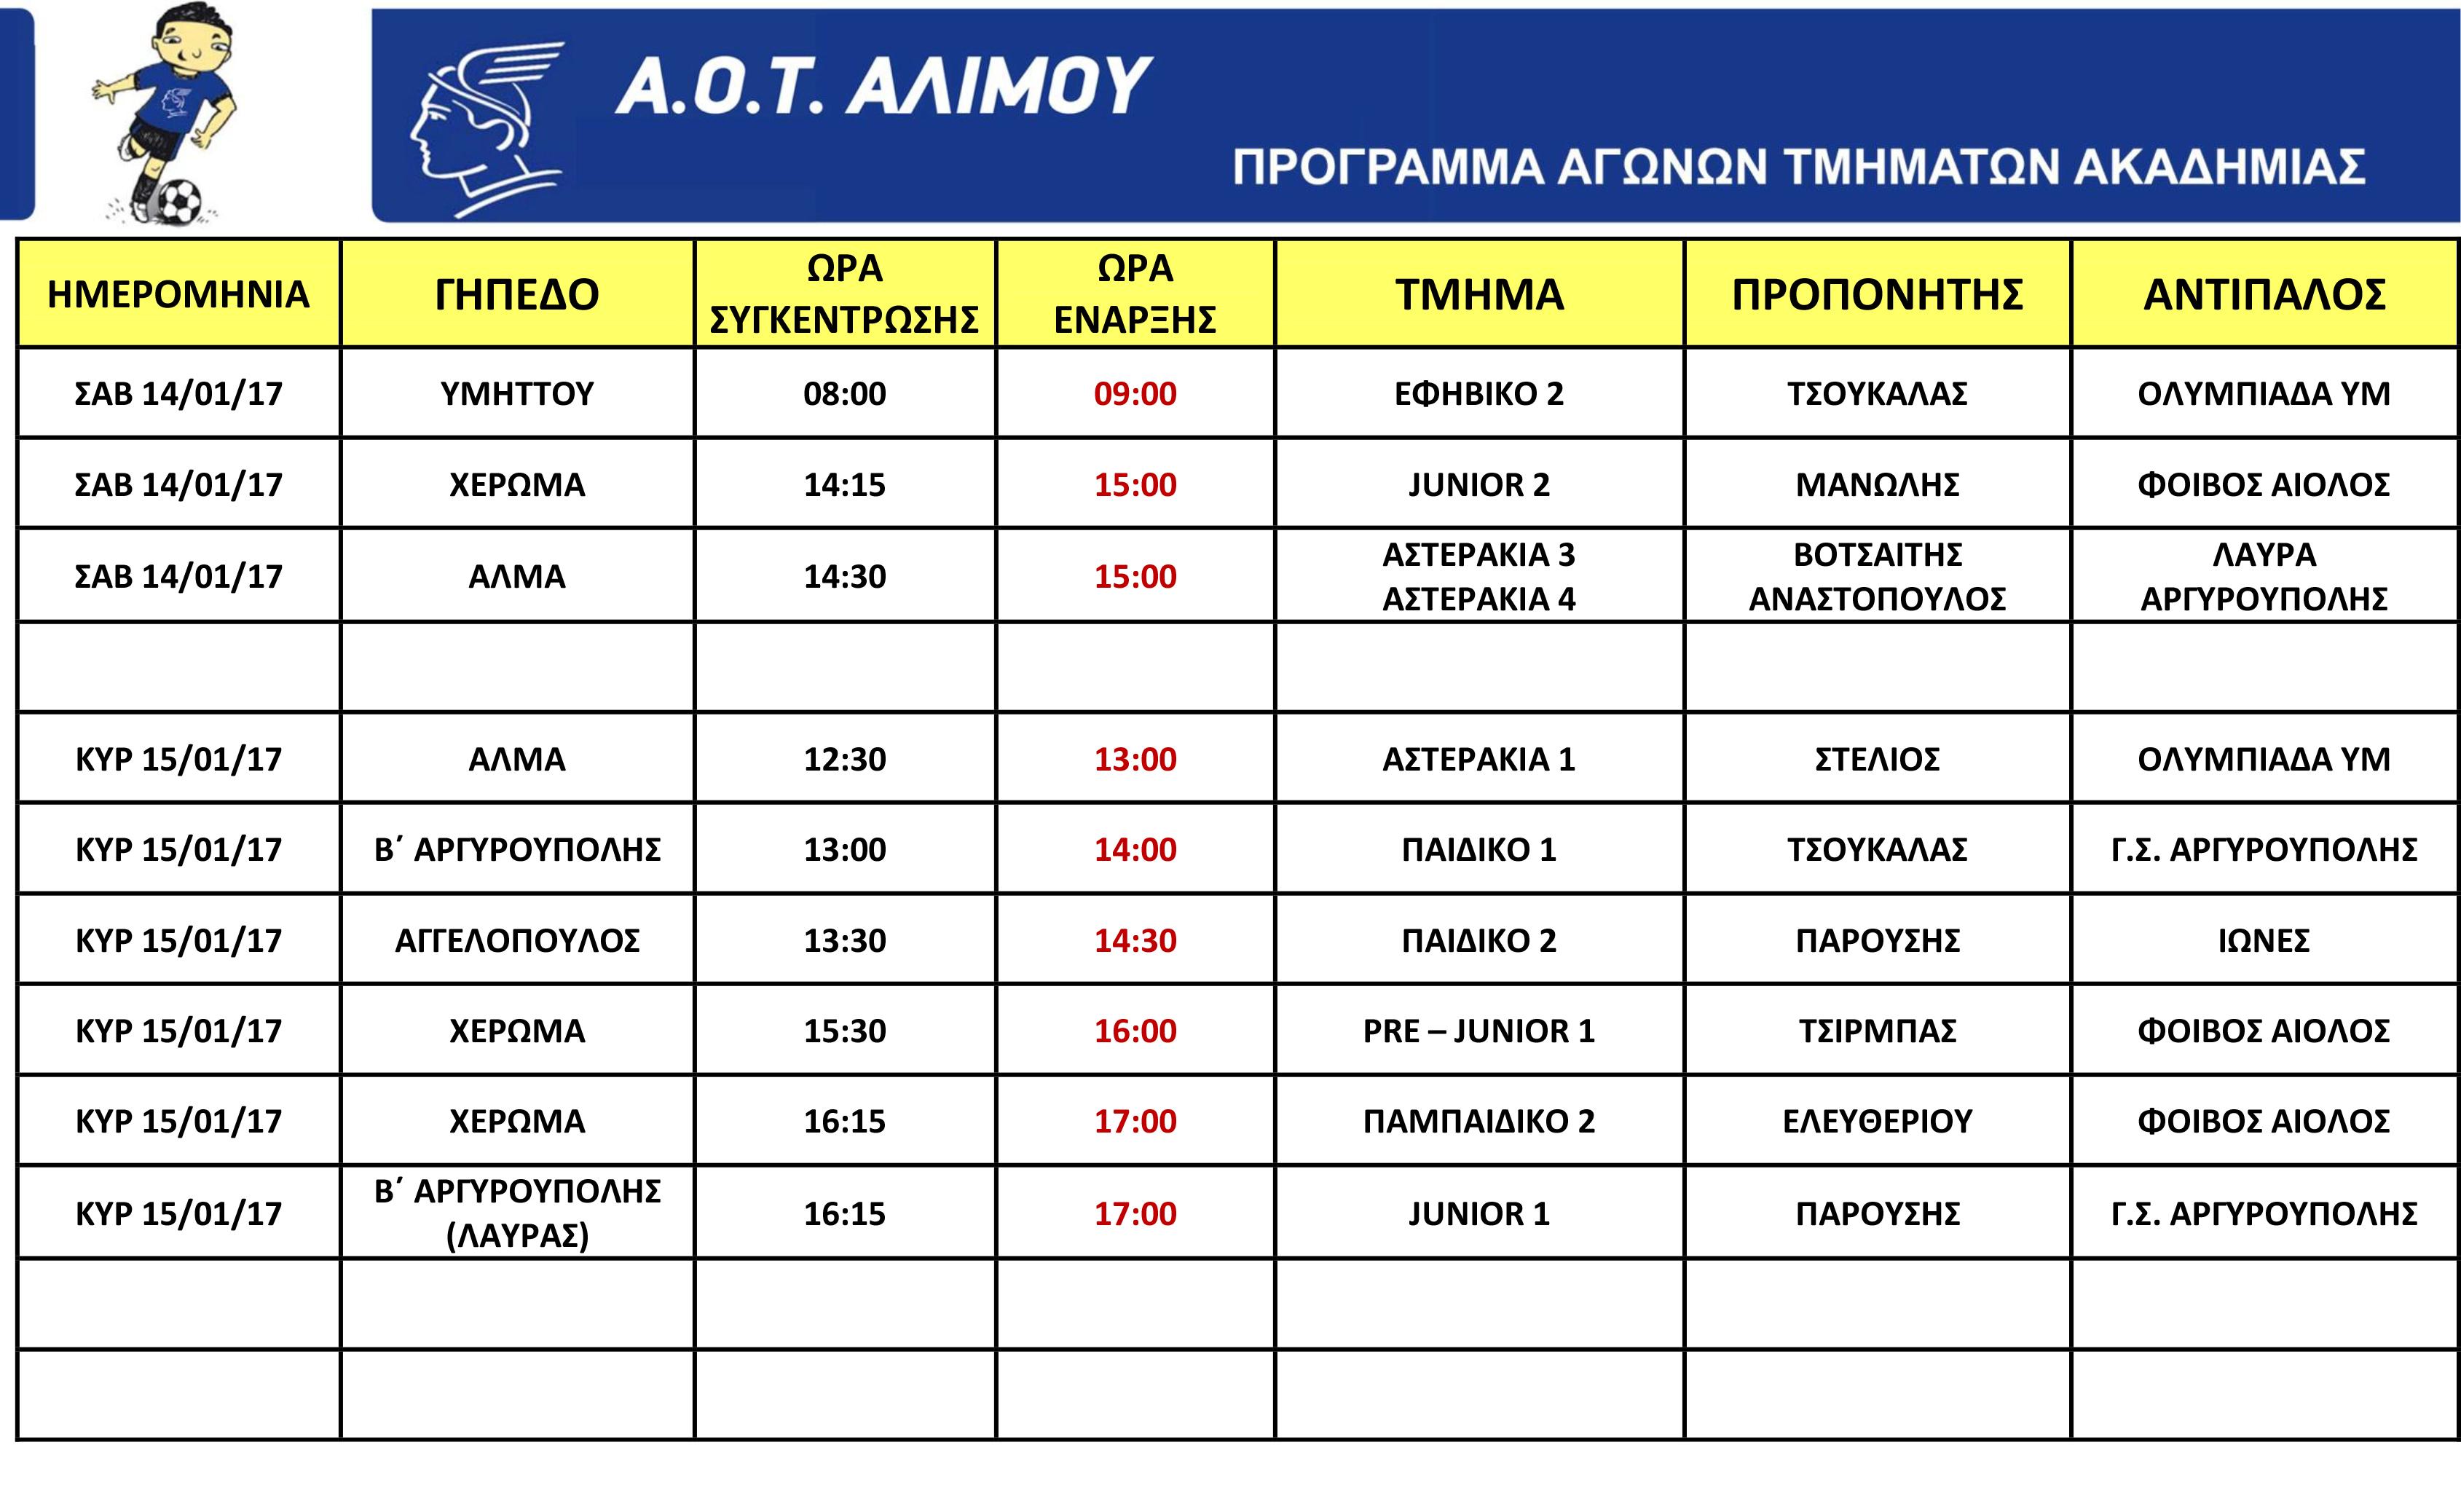 ΠΡΟΓΡΑΜΜΑ_ΕΚΤΟΣ-14-15-01-171